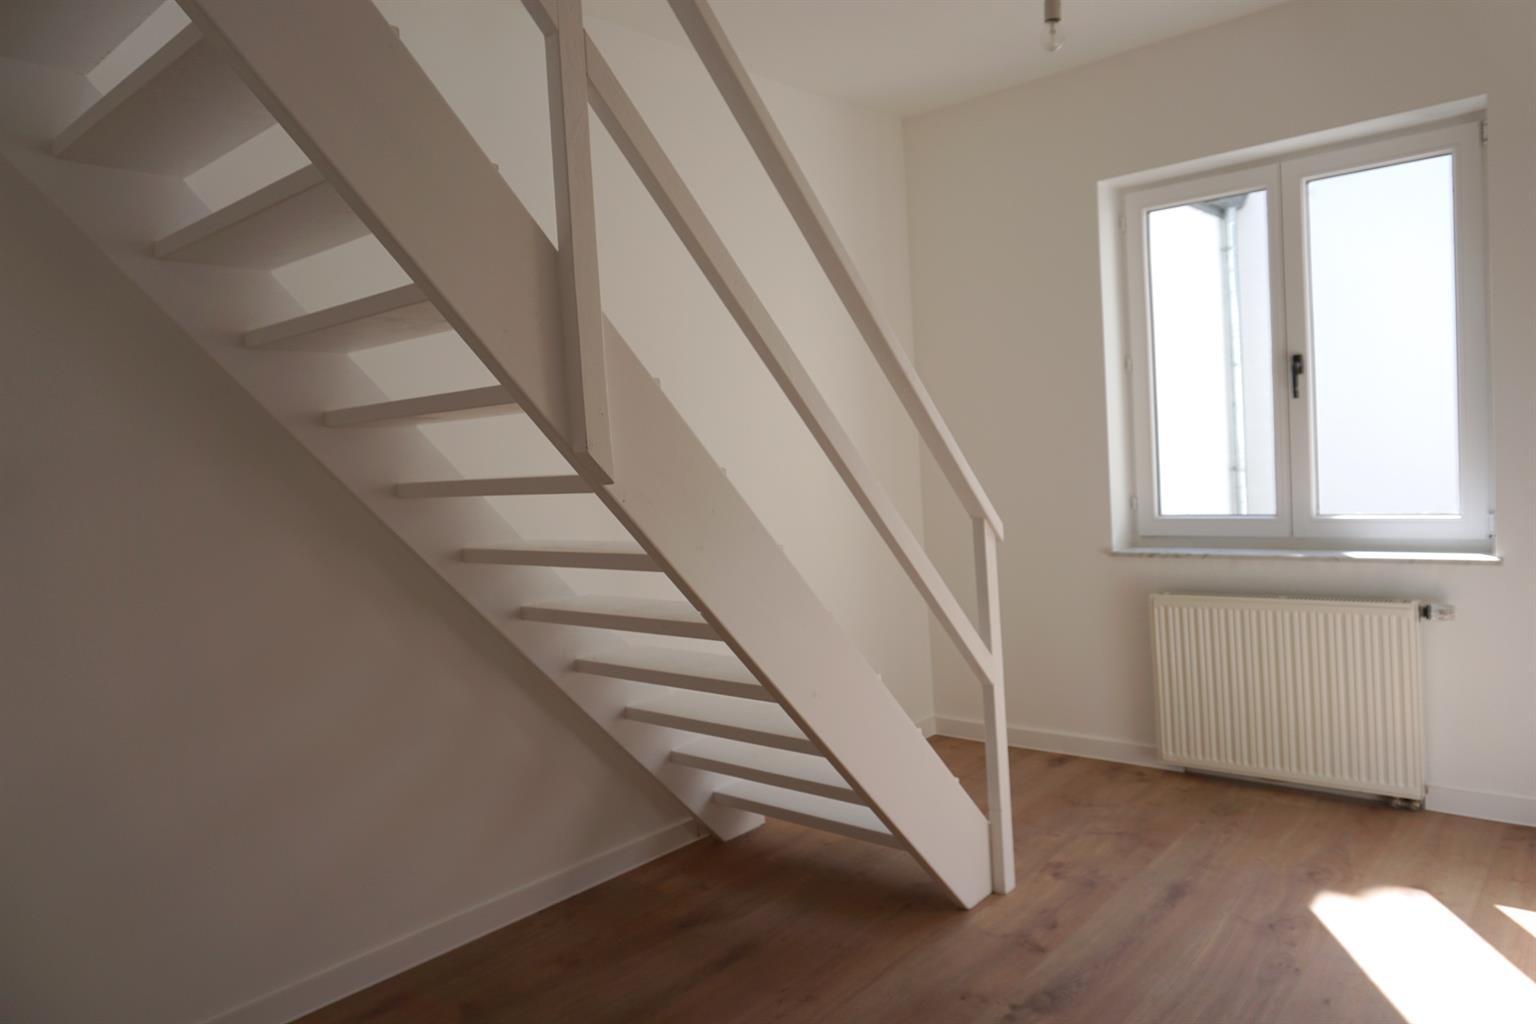 Maison - Genappe - #4142248-10